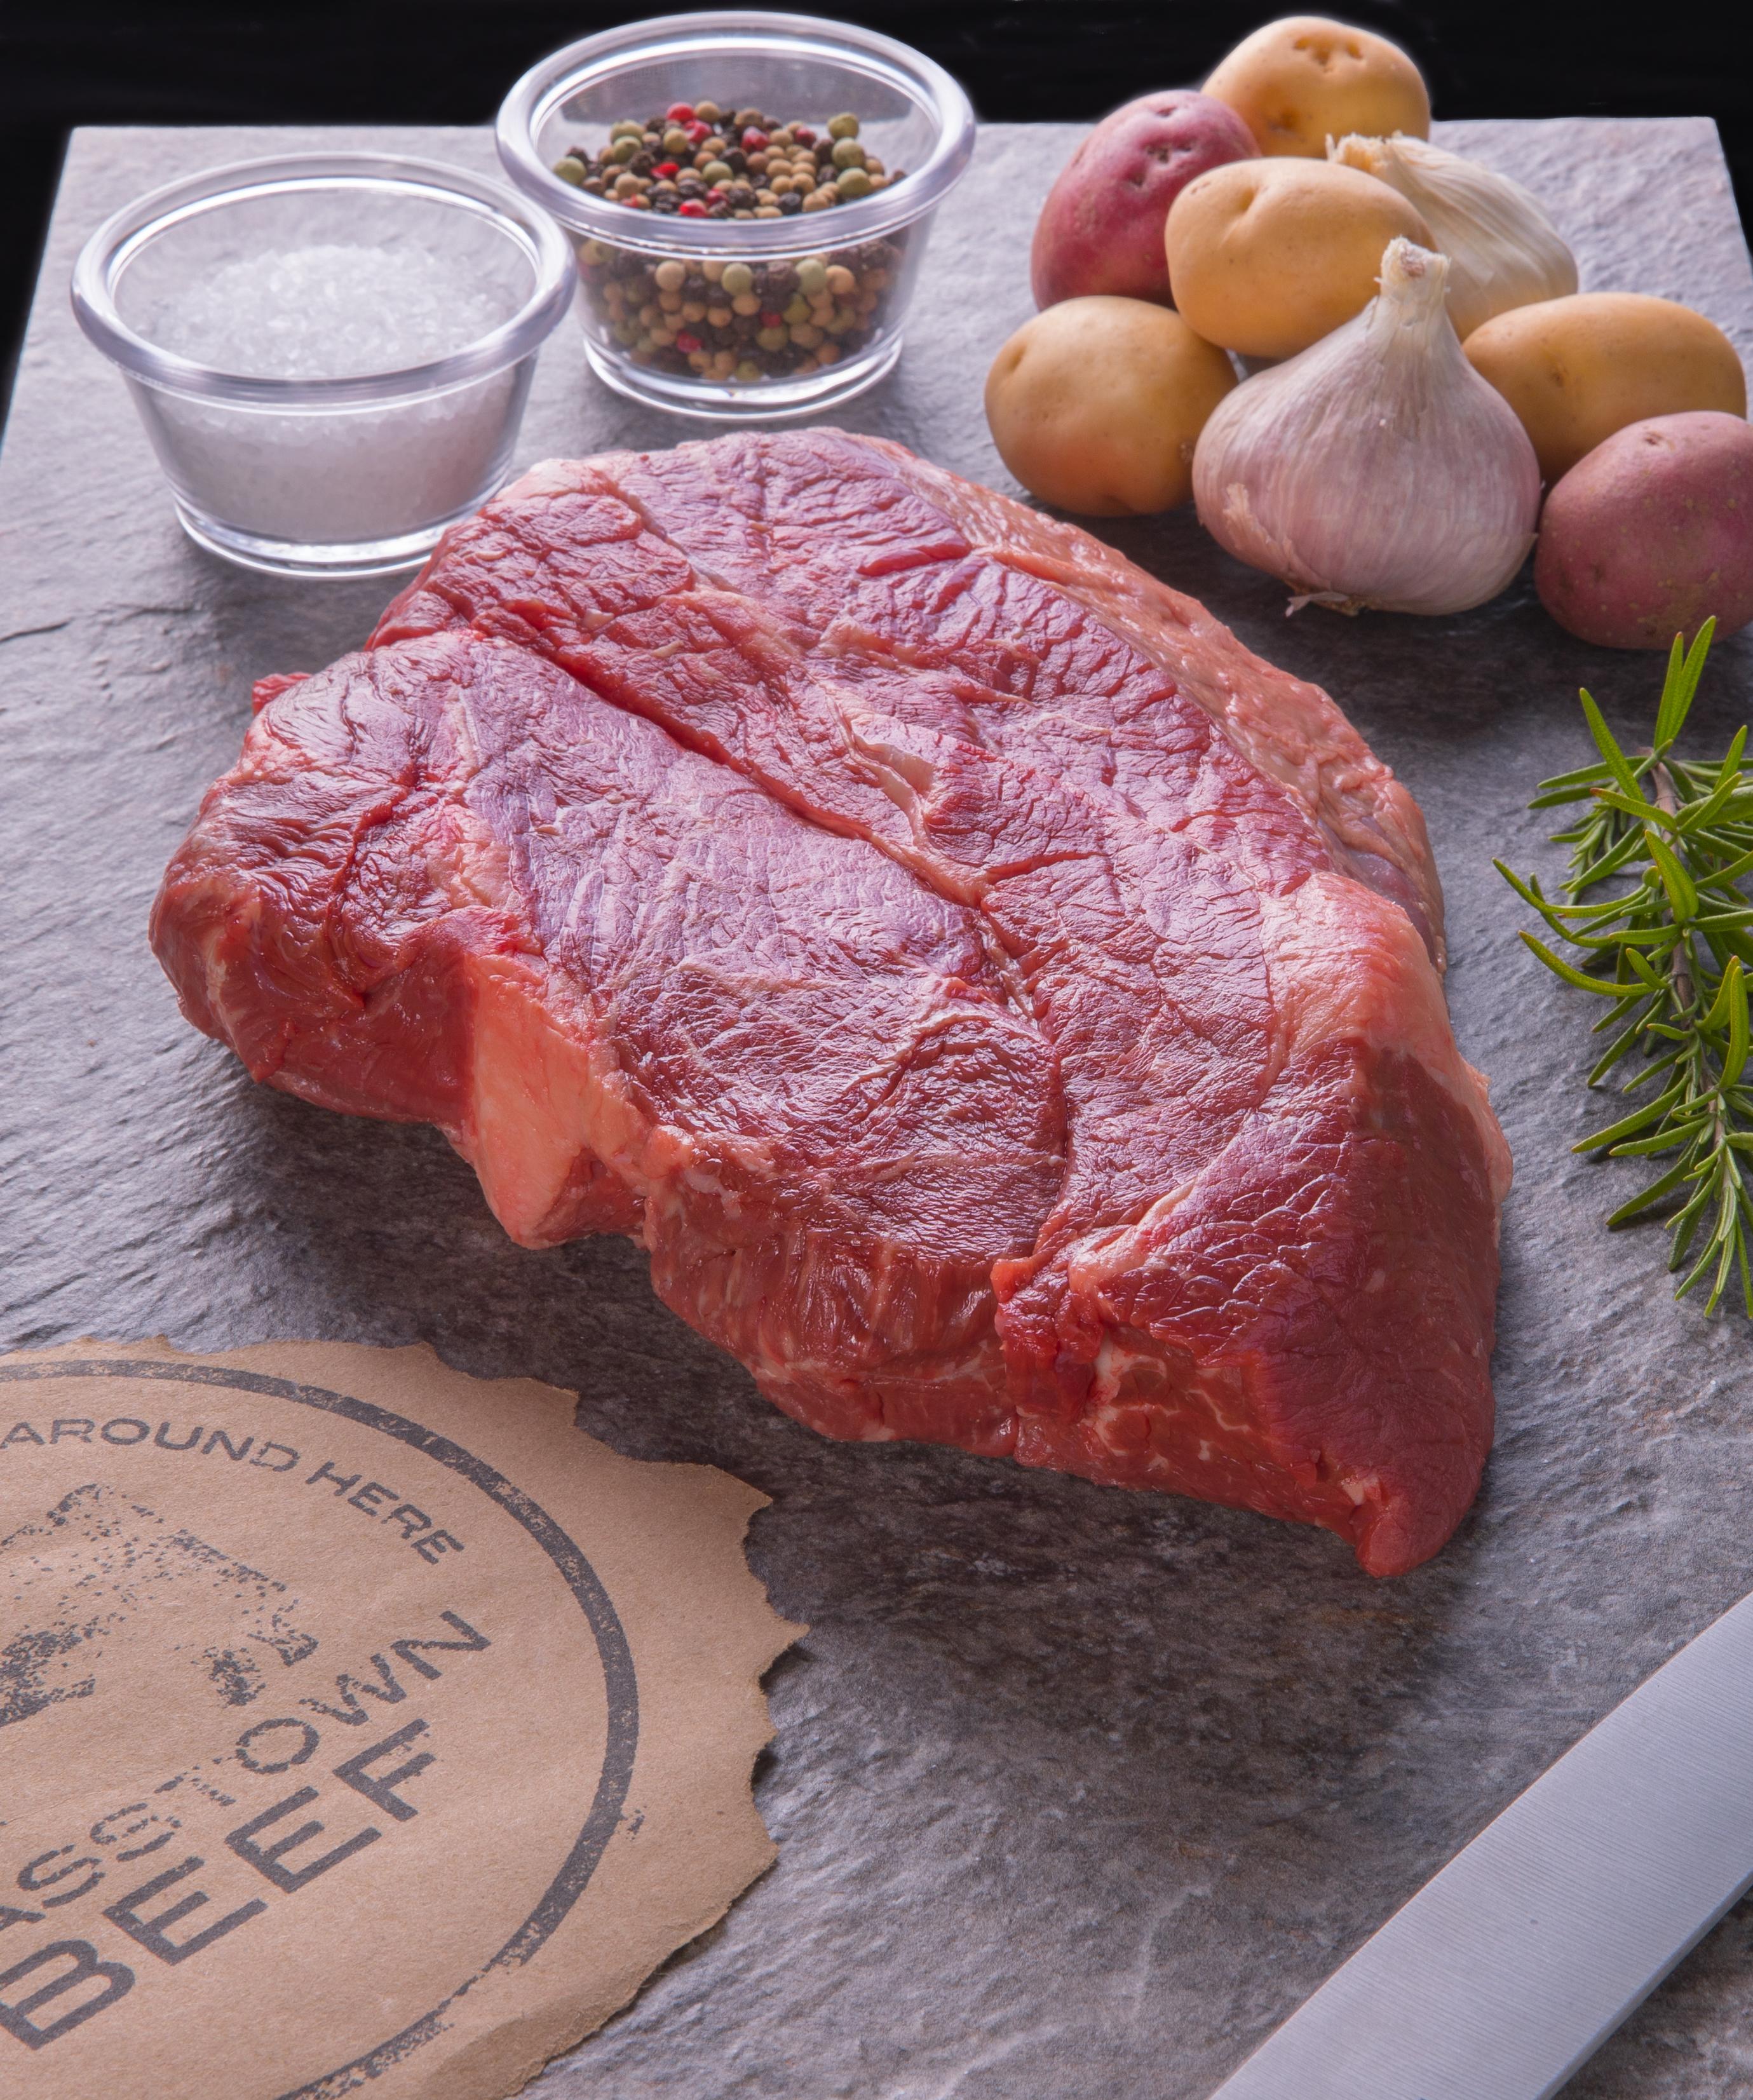 Brasstown Beef - Chuck Roast